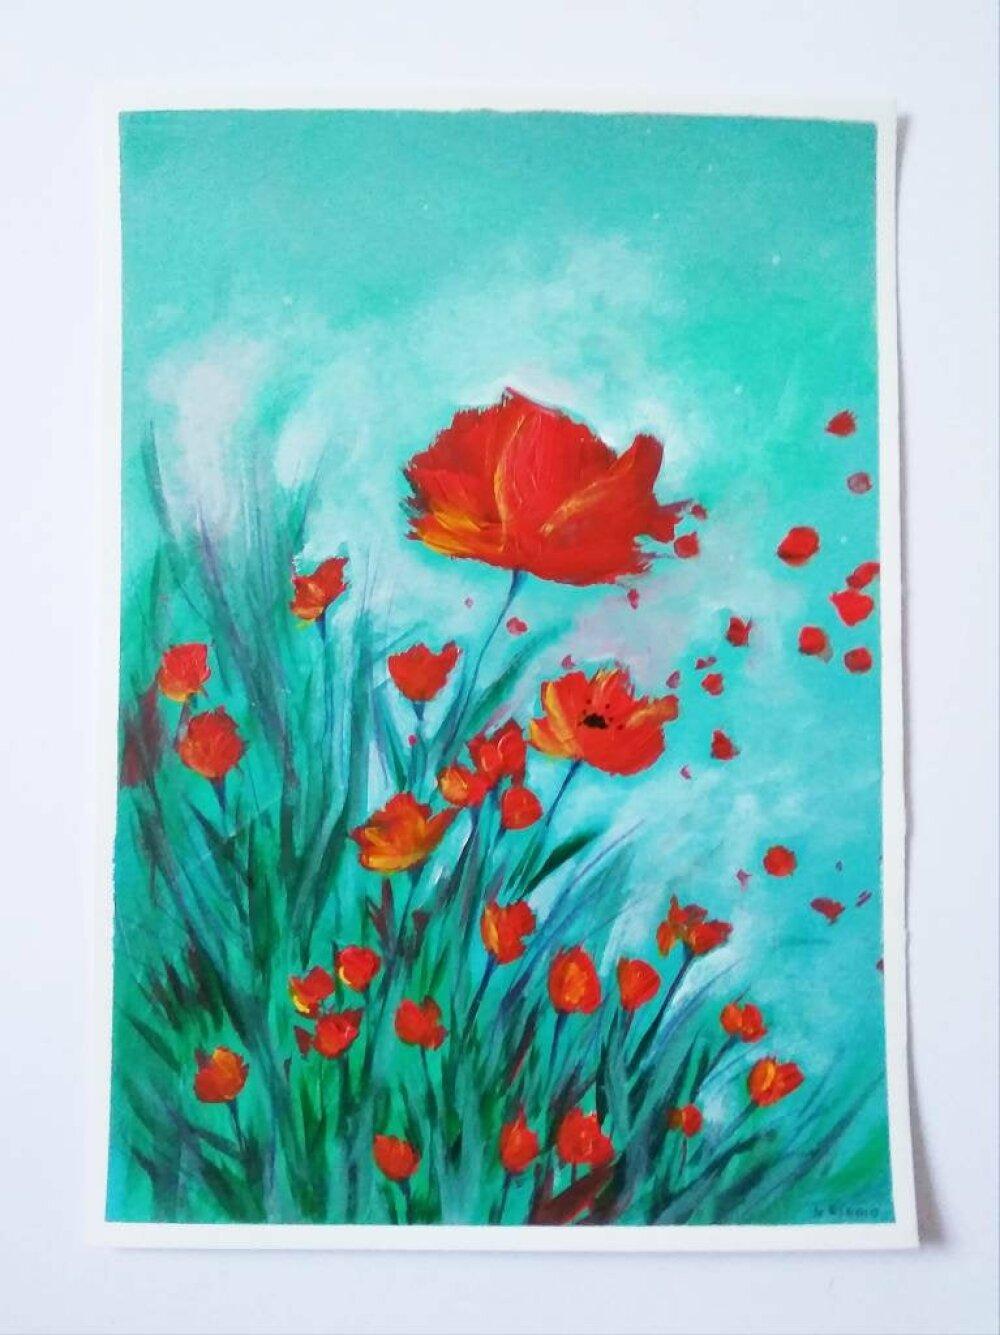 Peinture de coquelicots, acrylique sur papier, décor mural, décoration intérieure, idée cadeau